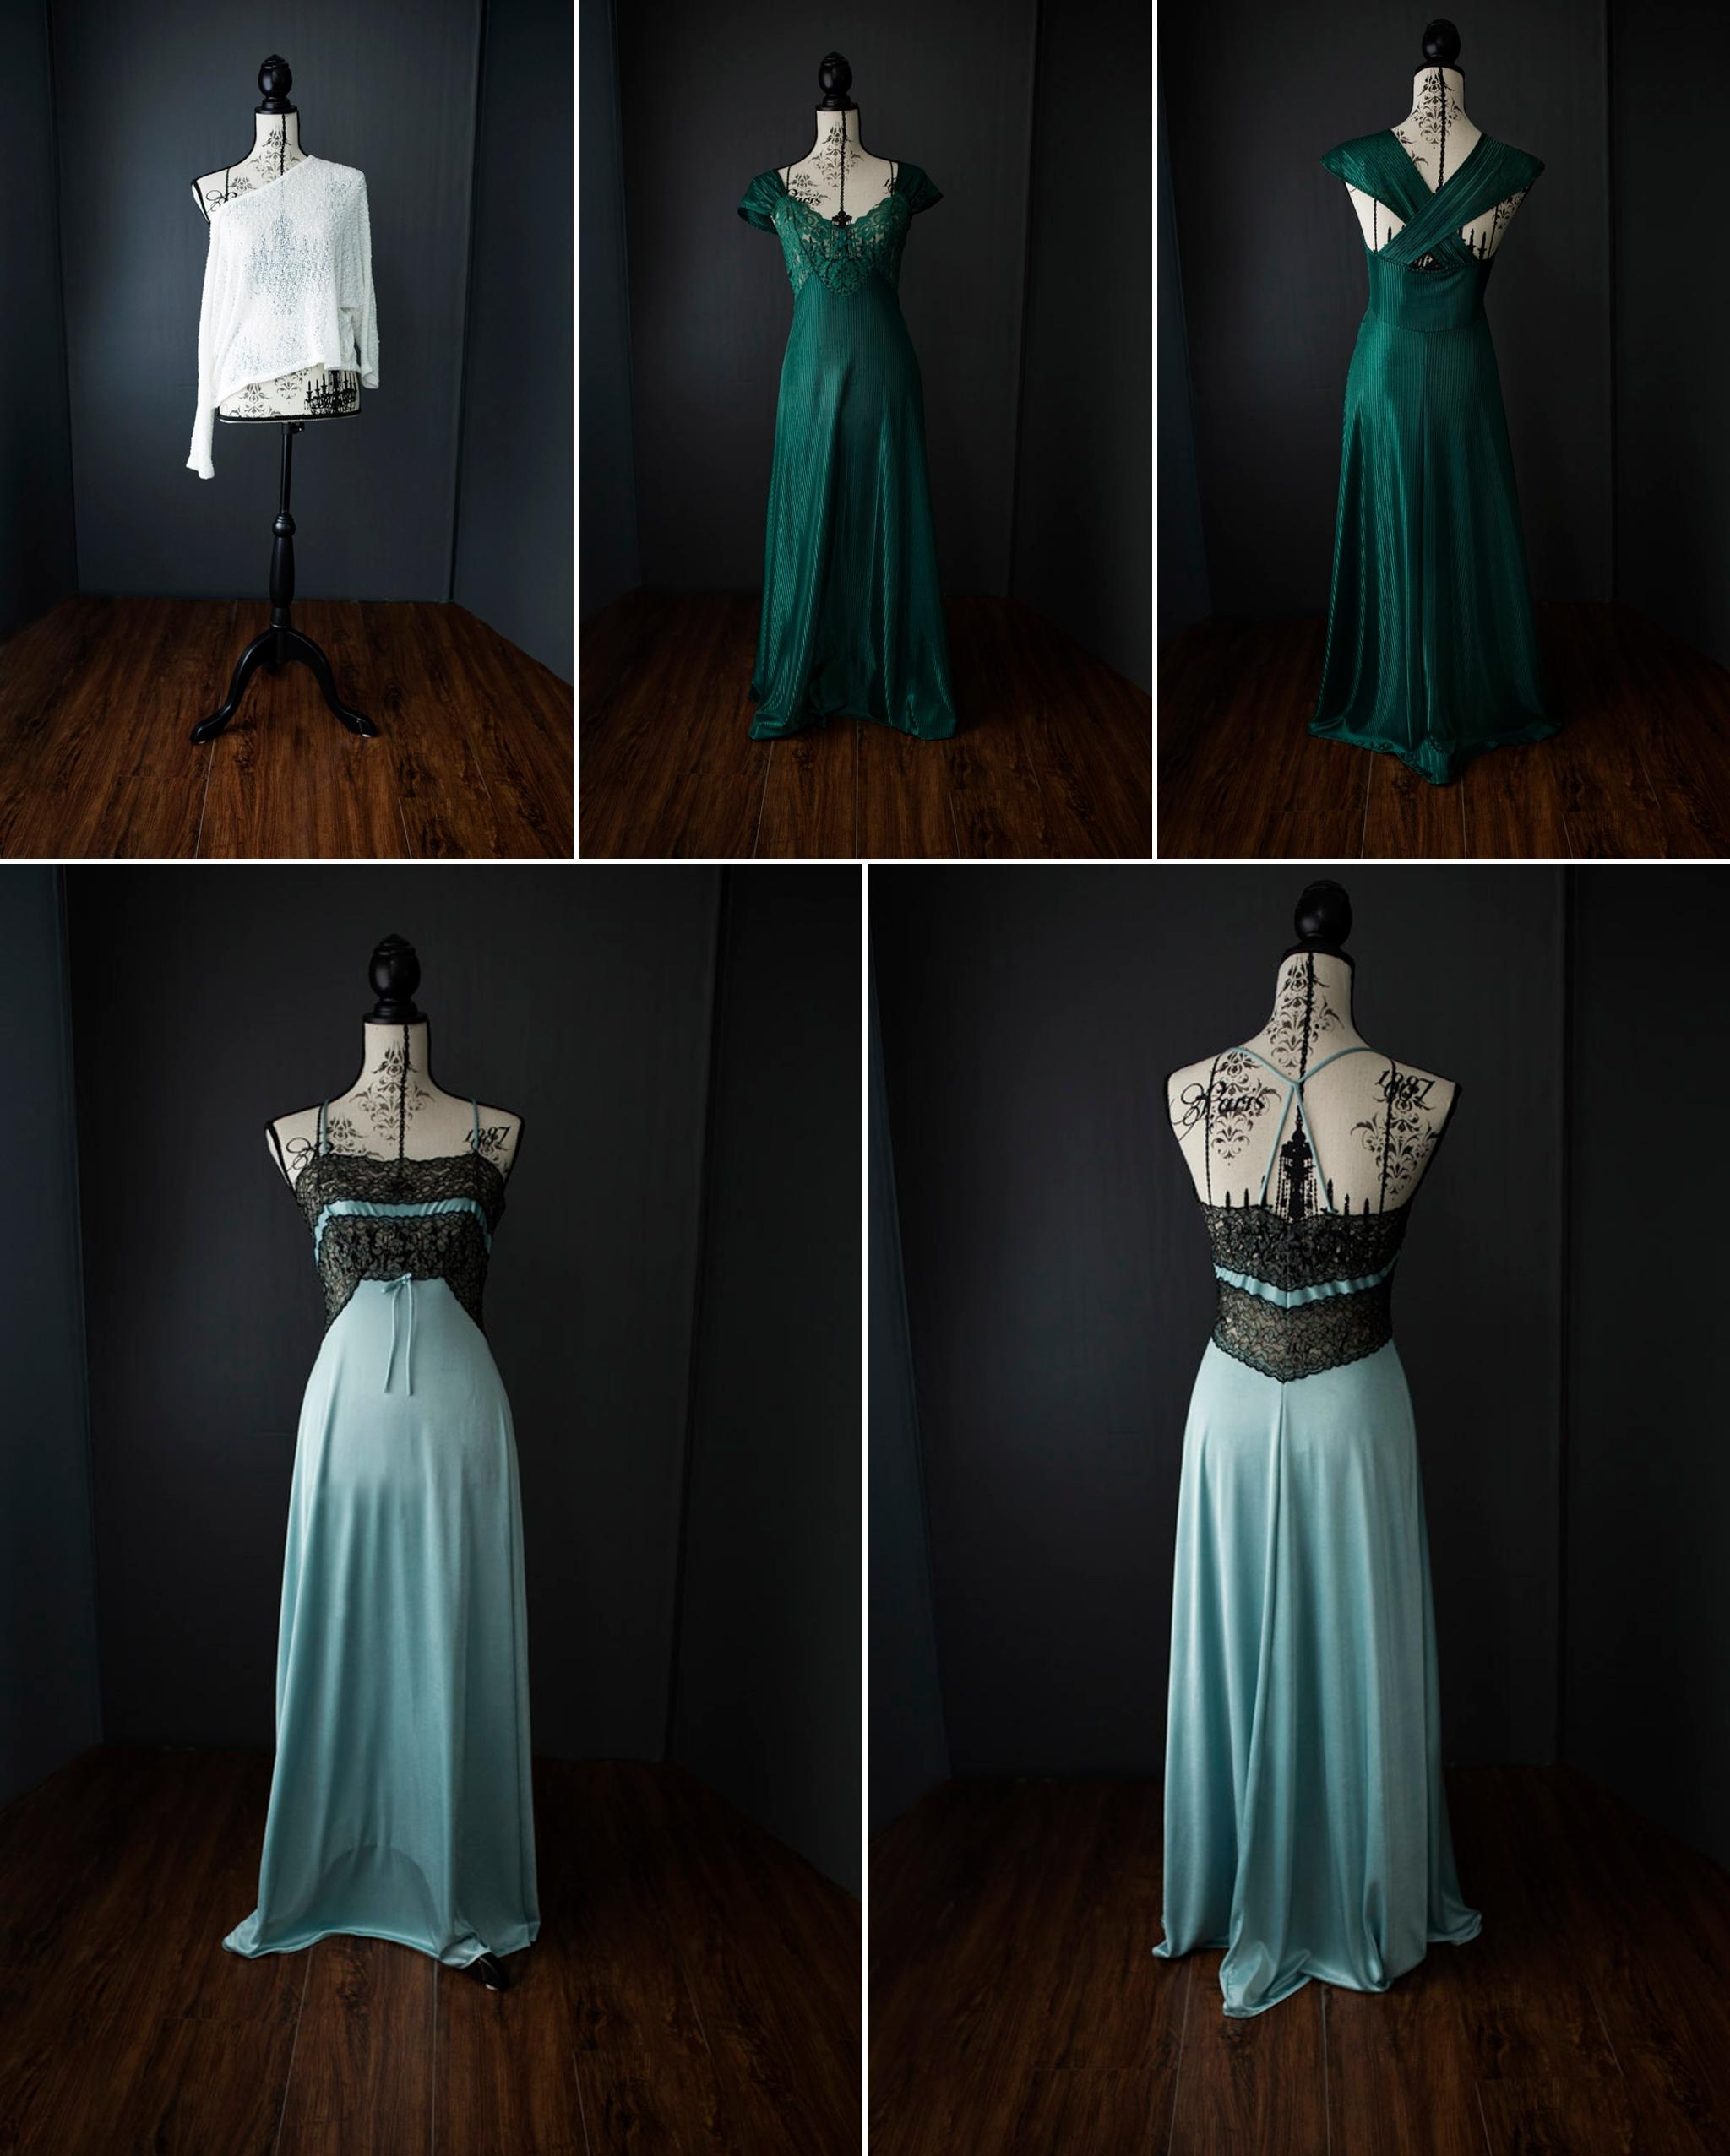 Wardrobe Collage 5